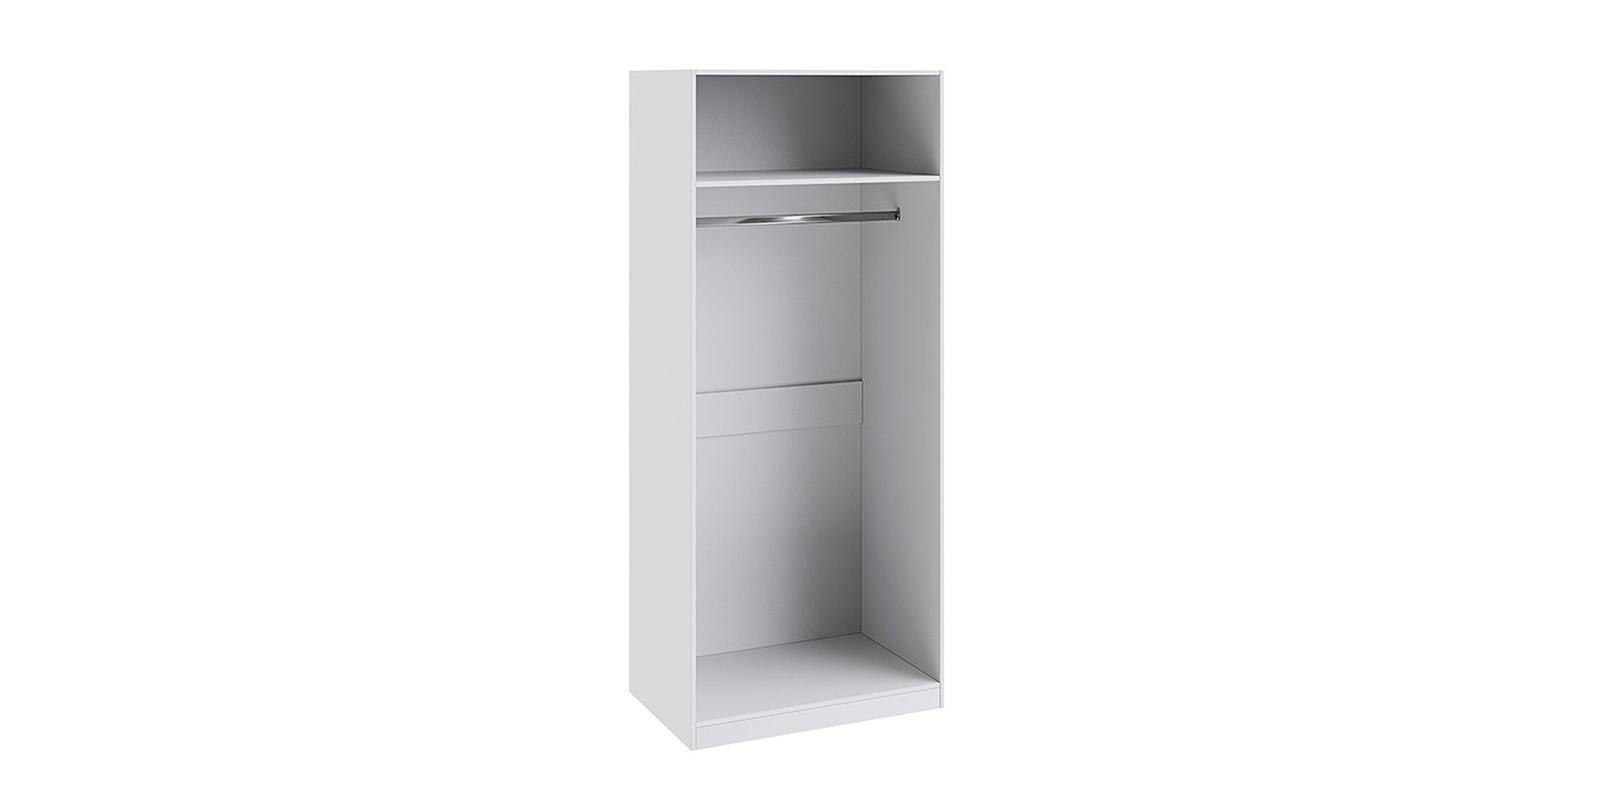 Шкаф распашной двухдверный Мерида вариант №1 левый (белый/зеркало)